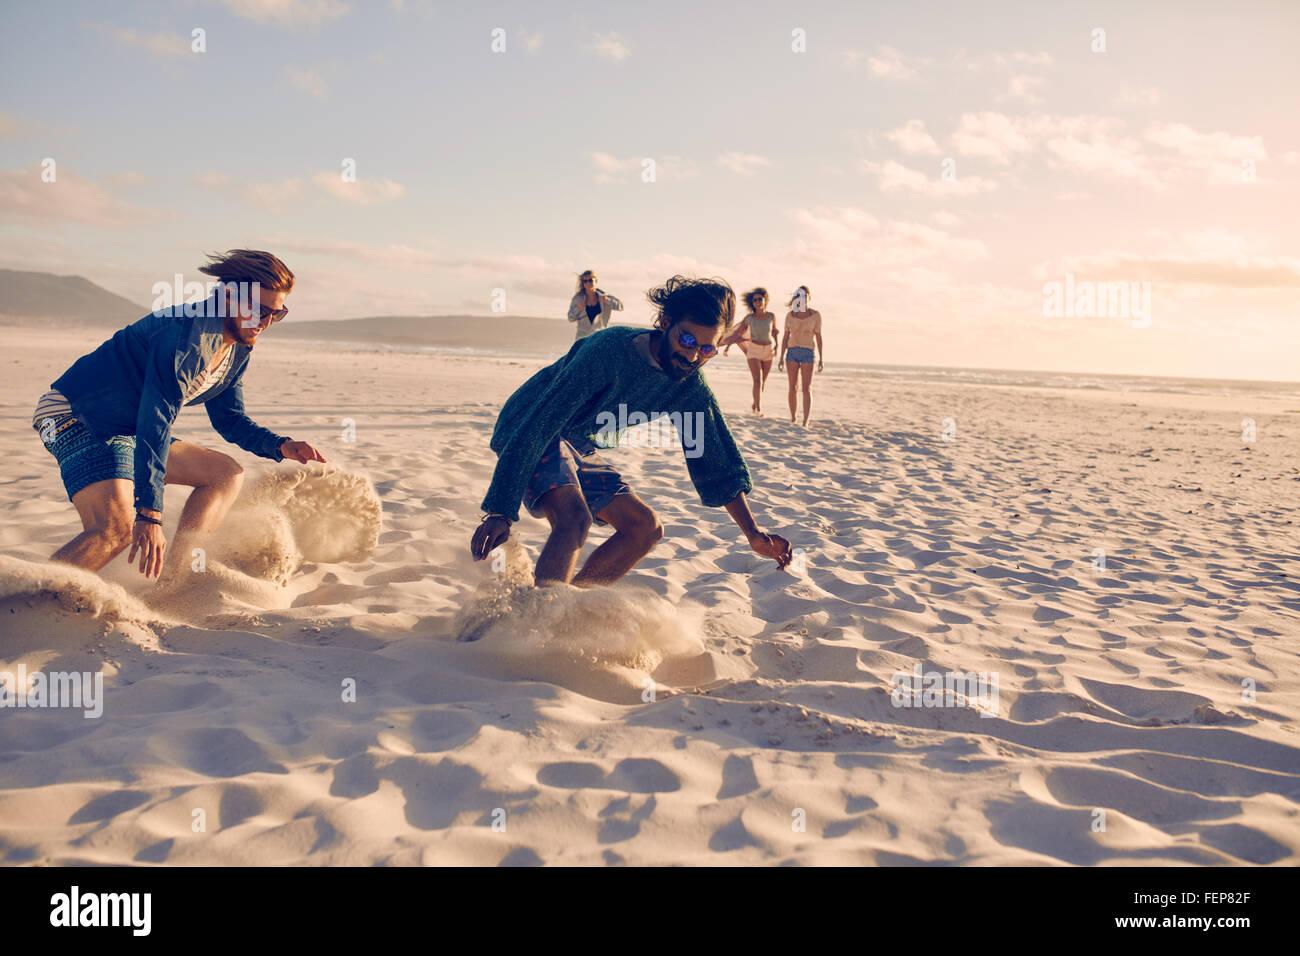 Los hombres jóvenes corriendo la carrera en la playa. Grupo de jóvenes jugando en la playa en un día Imagen De Stock